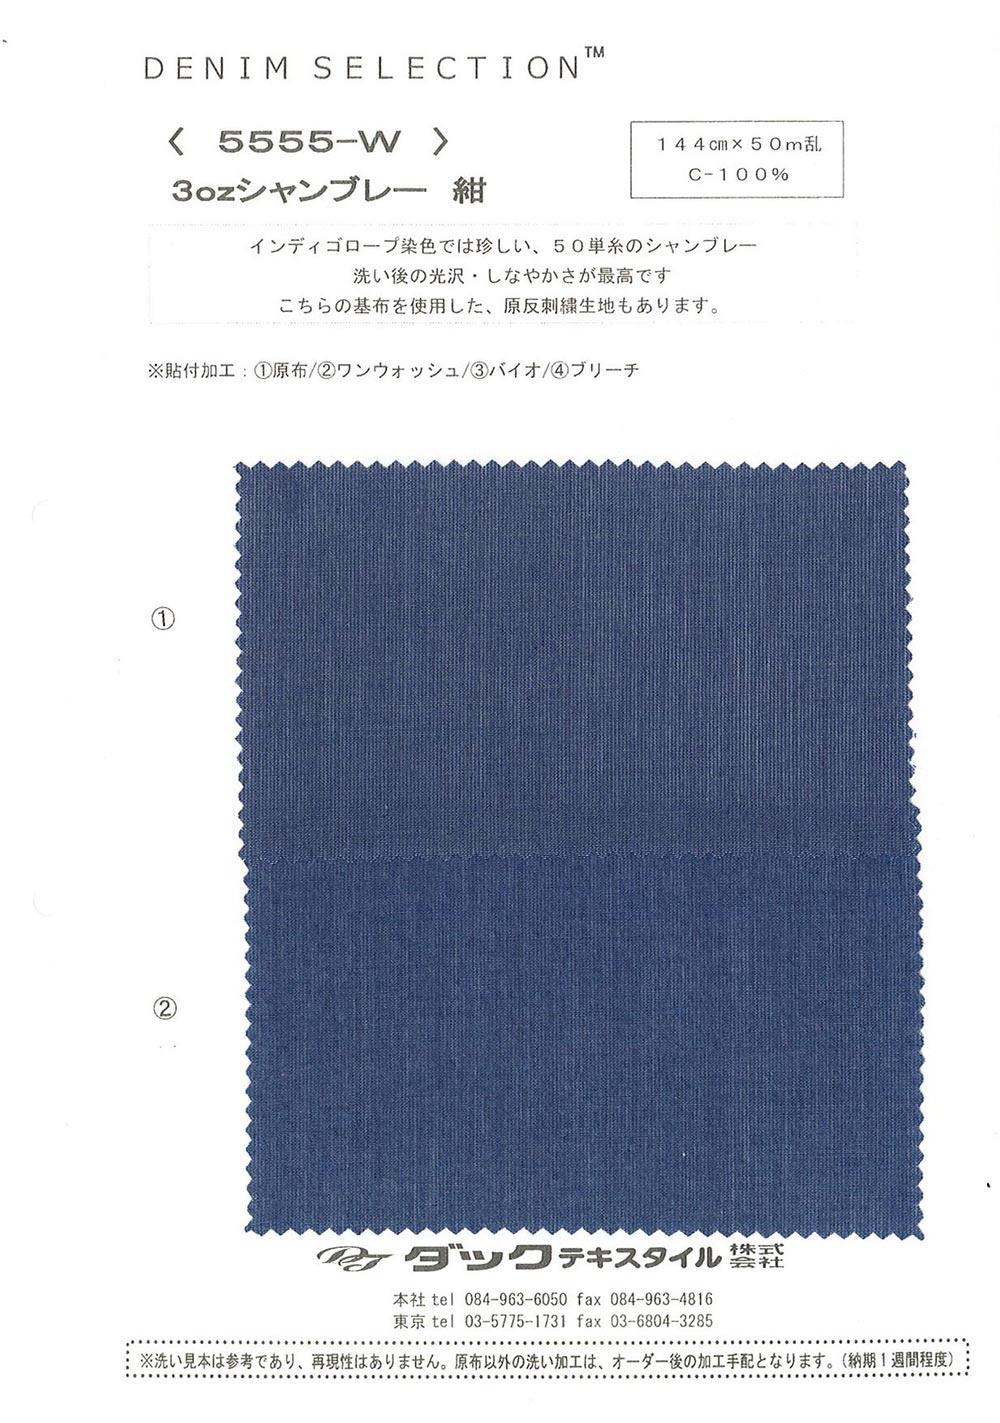 5555W 3オンスシャンブレー[生地] ダックテキスタイル/オークラ商事 - ApparelX アパレル資材卸通販